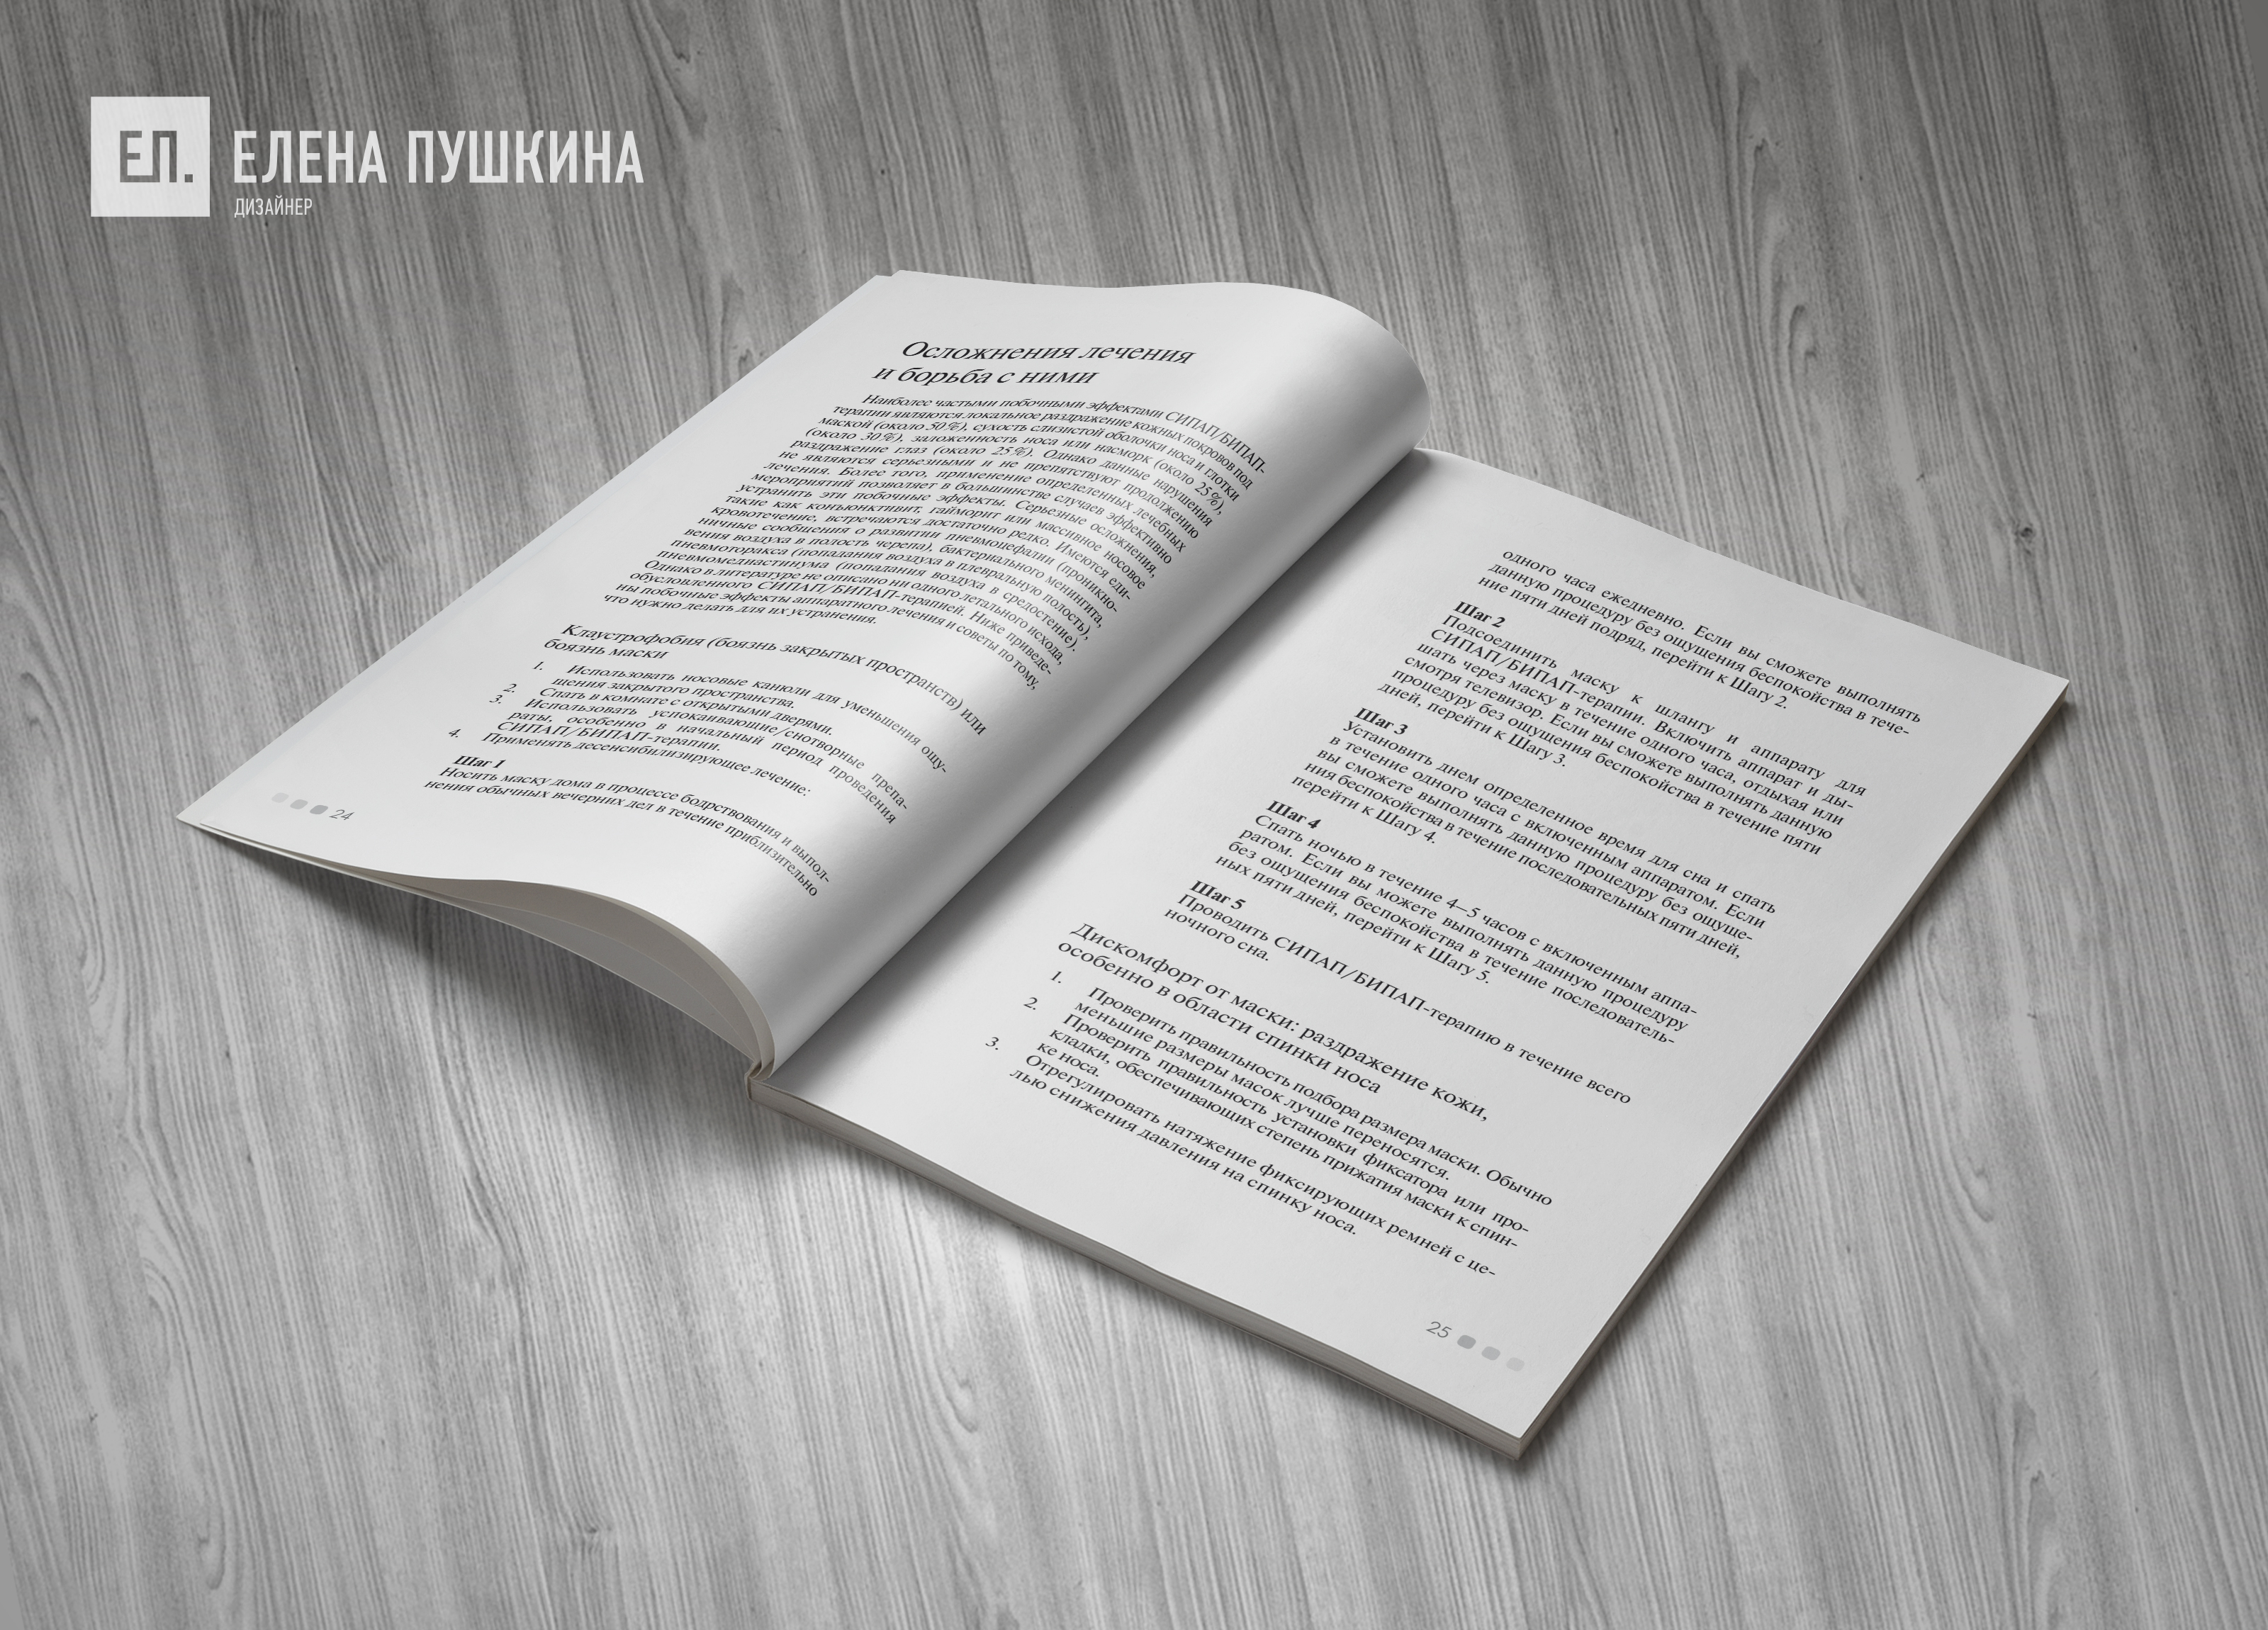 «Проведение СИПАП/БИПАП-терапии в домашних условиях» — дизайн с «нуля» и вёрстка книги. Отделение медицины сна ФГБУ Клинического санатория «Барвиха» — 40 стр. Создание книг Портфолио